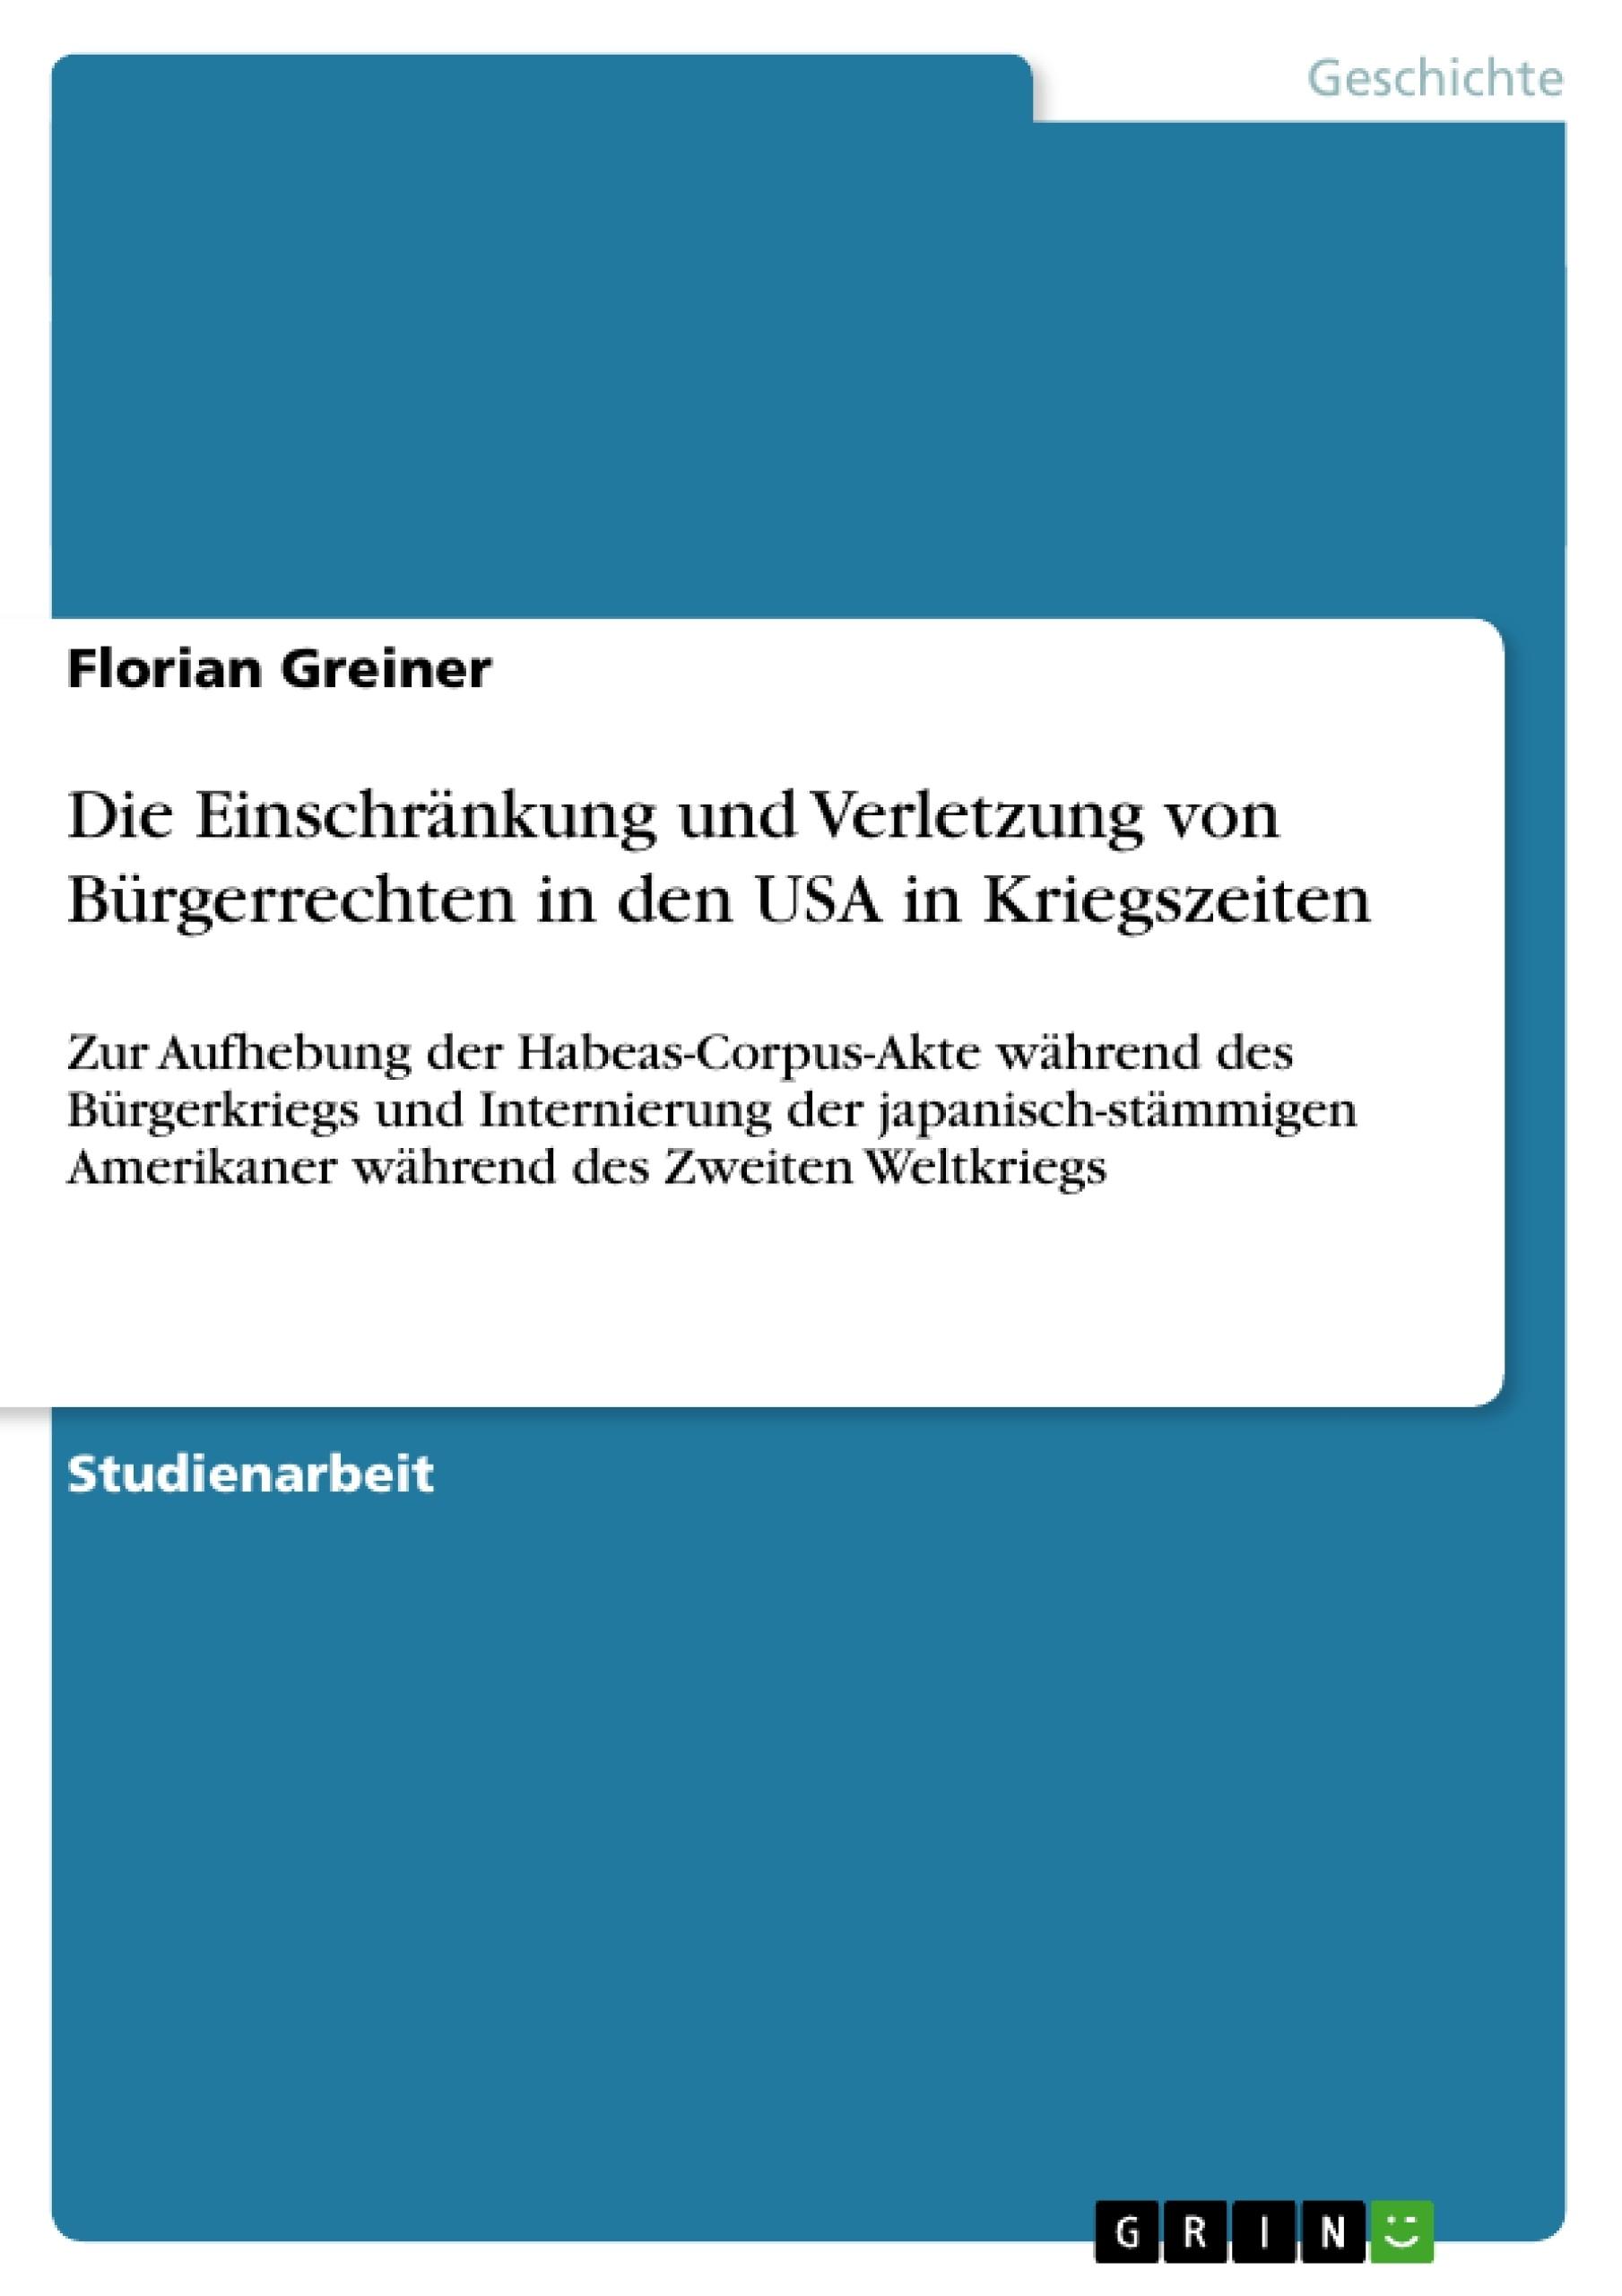 Titel: Die Einschränkung und Verletzung von Bürgerrechten in den USA in Kriegszeiten